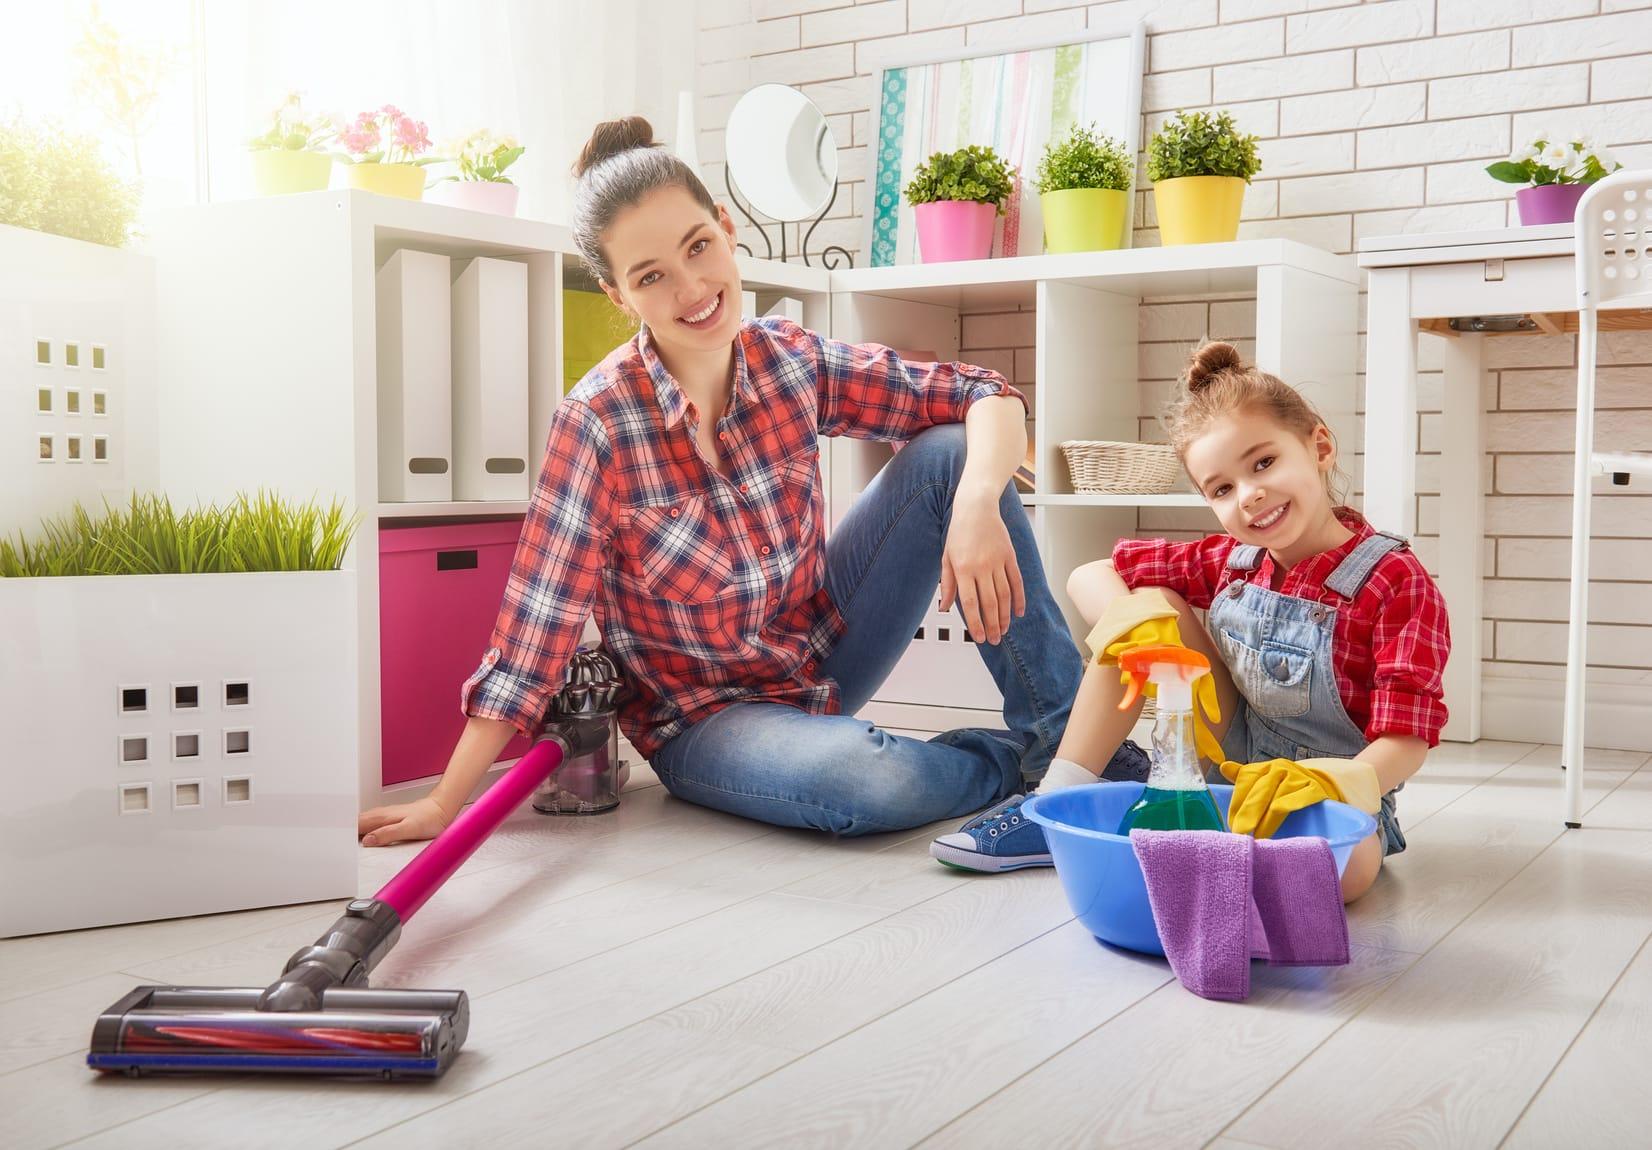 kinder zu mehr hausarbeit motivieren. Black Bedroom Furniture Sets. Home Design Ideas